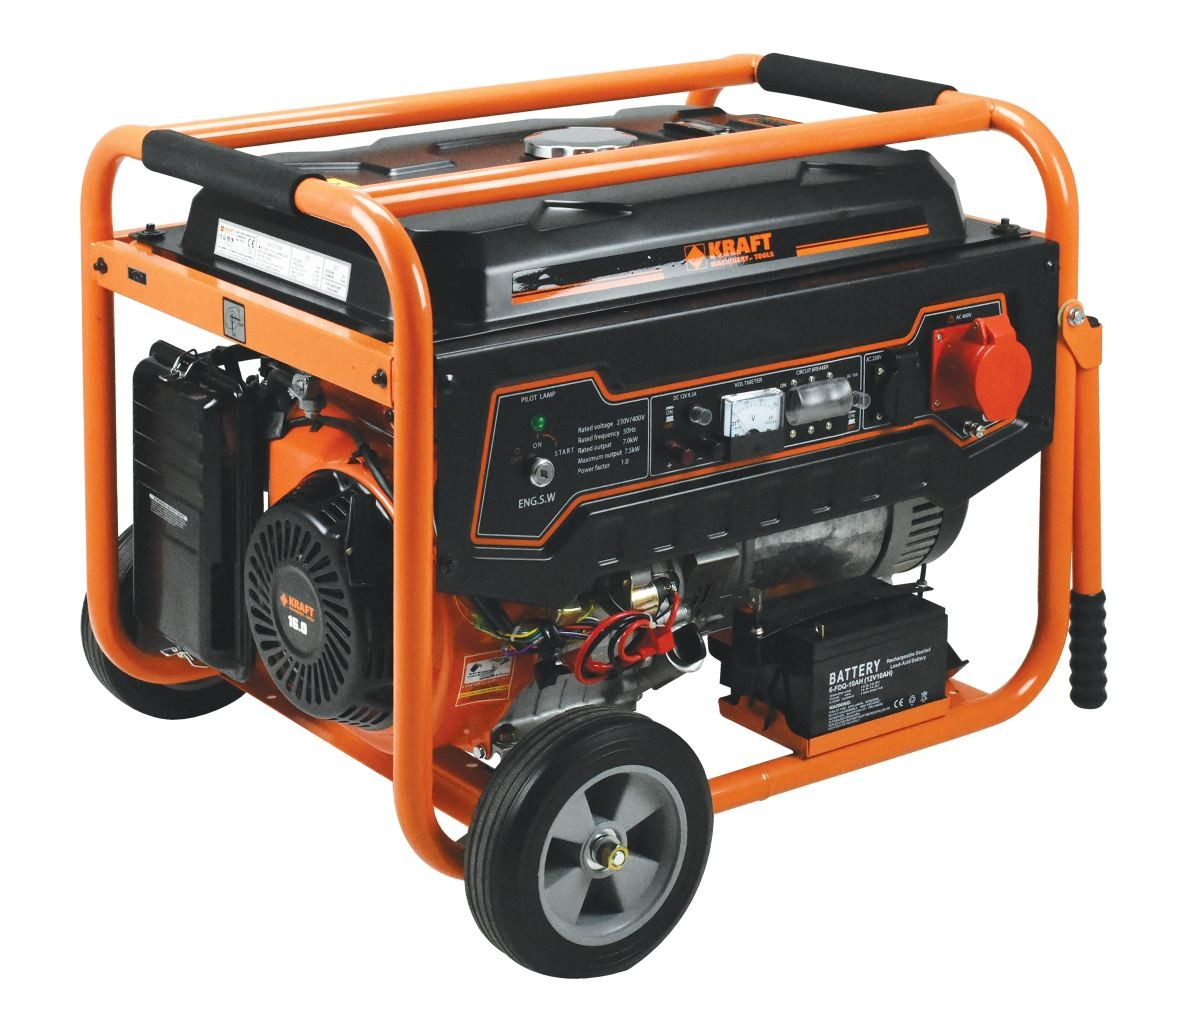 Ηλεκτρογεννήτρια Βενζίνης Kraft LT 9000-3 (Τριφασική)